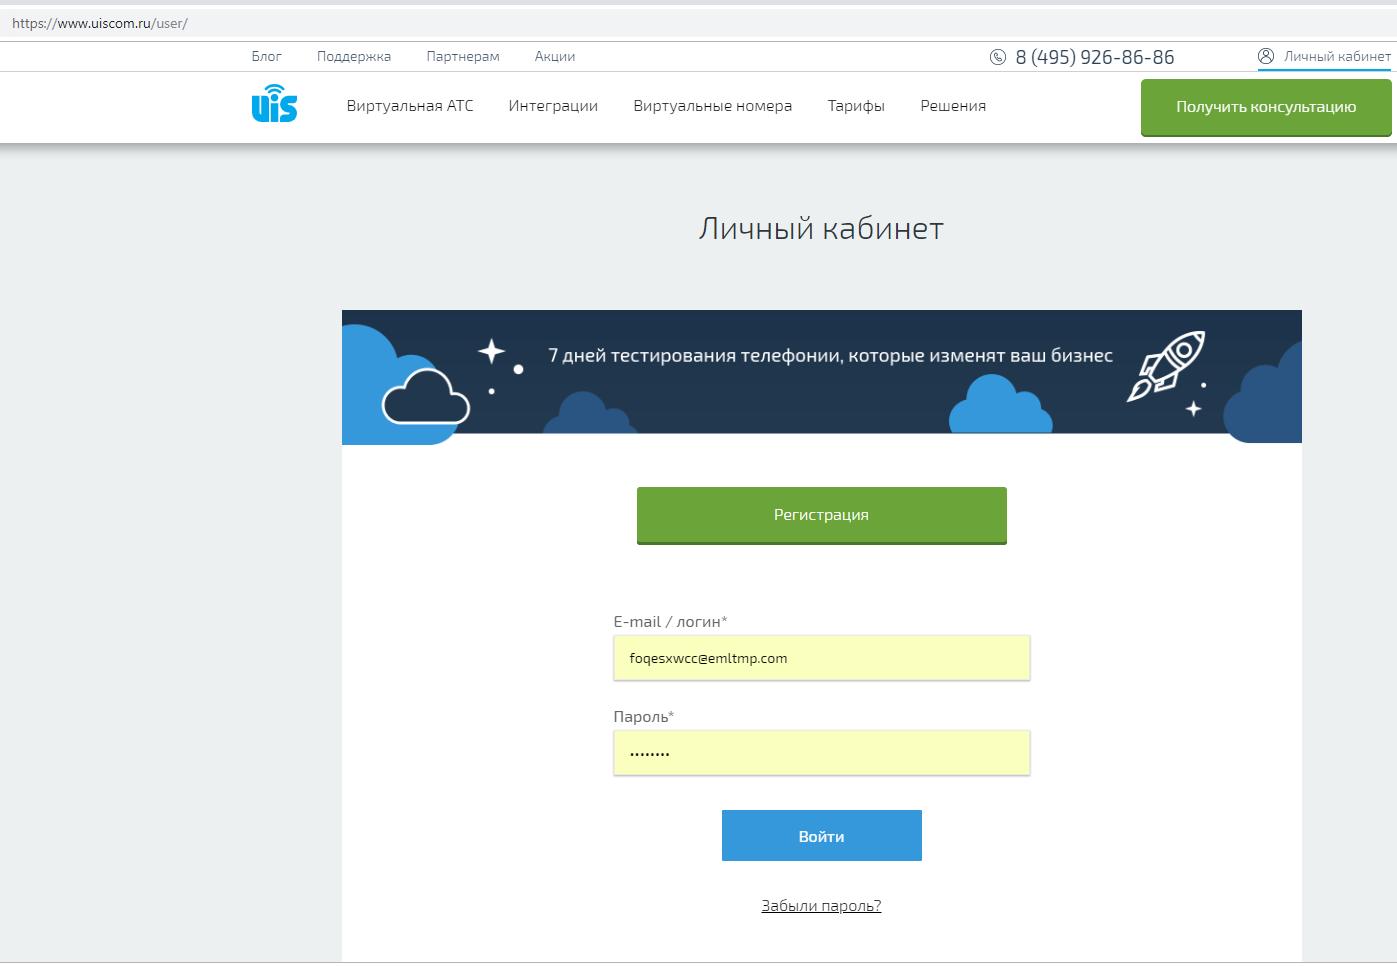 Интеграция с телефонией (СофтФон) с облачной АТС UIS